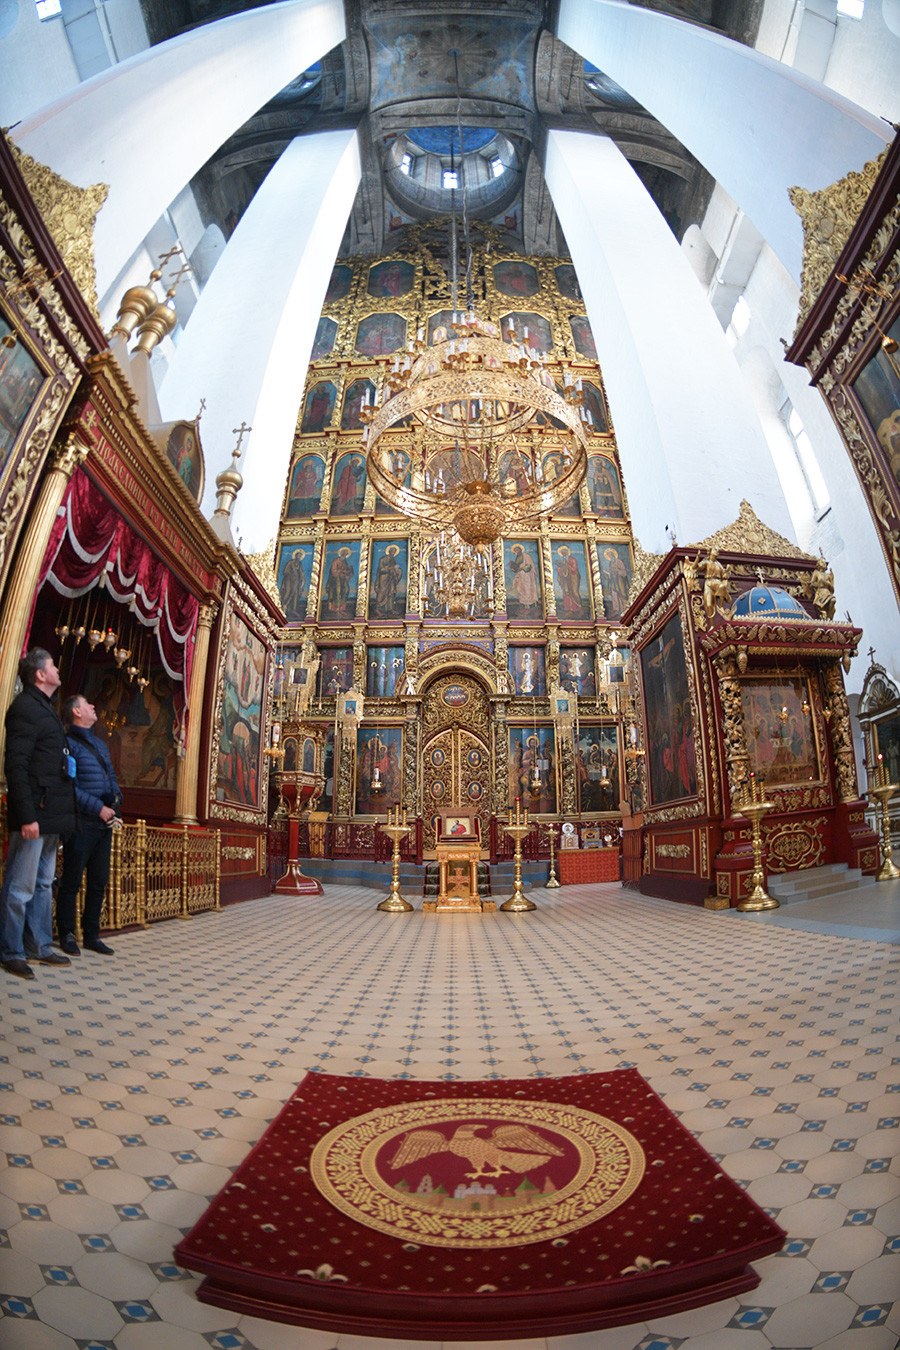 プスコフクレムリンの至聖三者大聖堂の内装